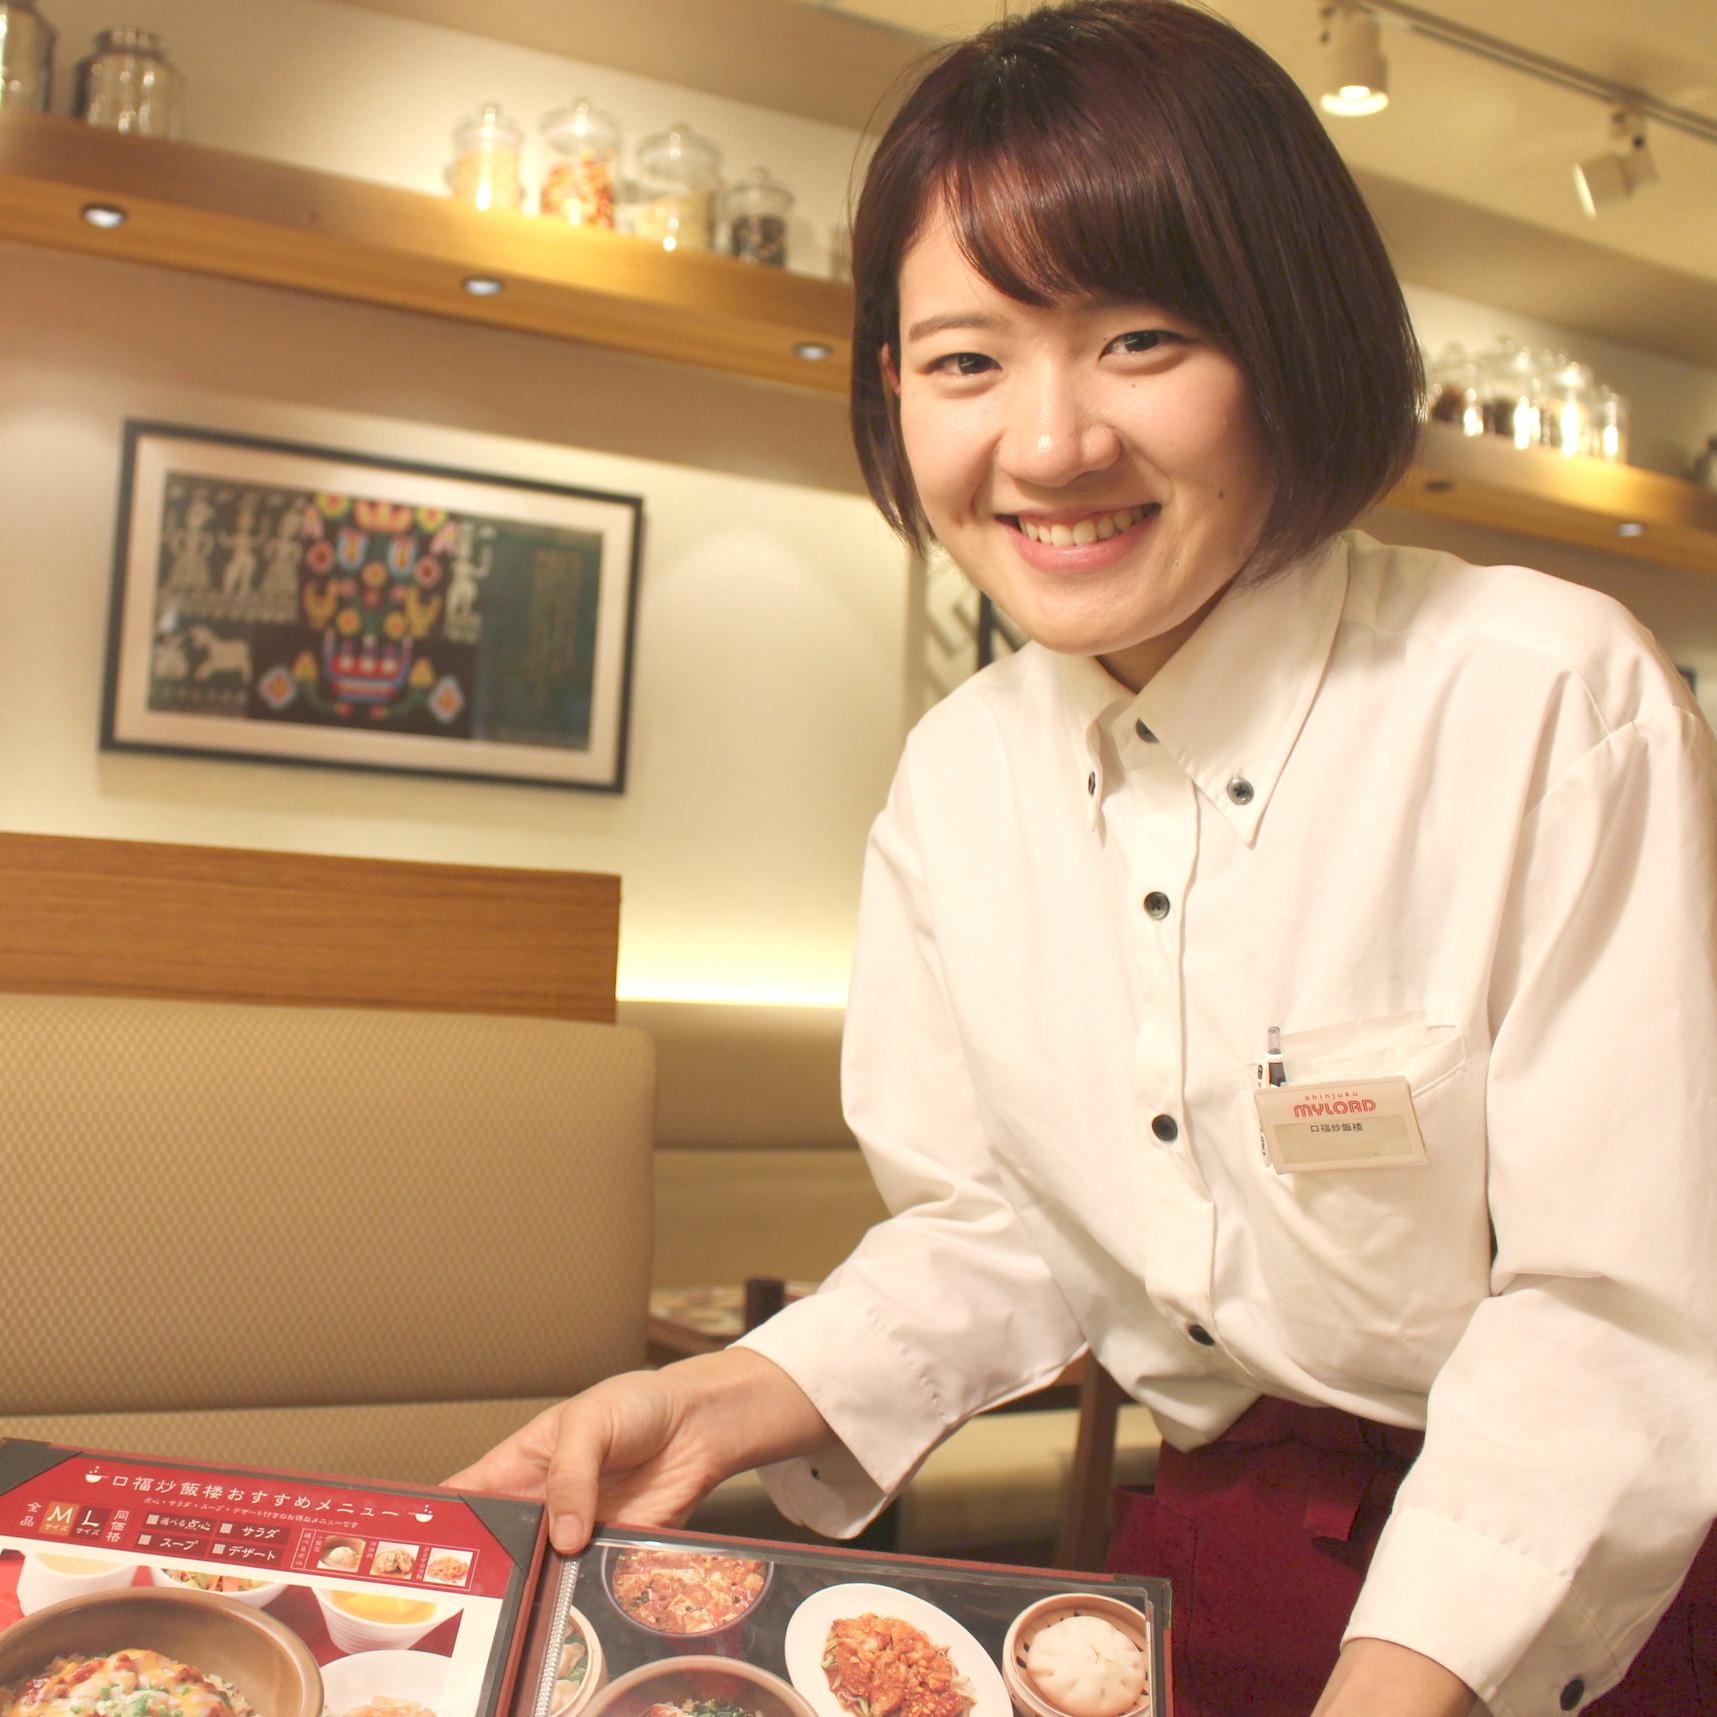 新宿駅直結だから雨でも通勤ラクラク♪オシャレな中華レストラン◎